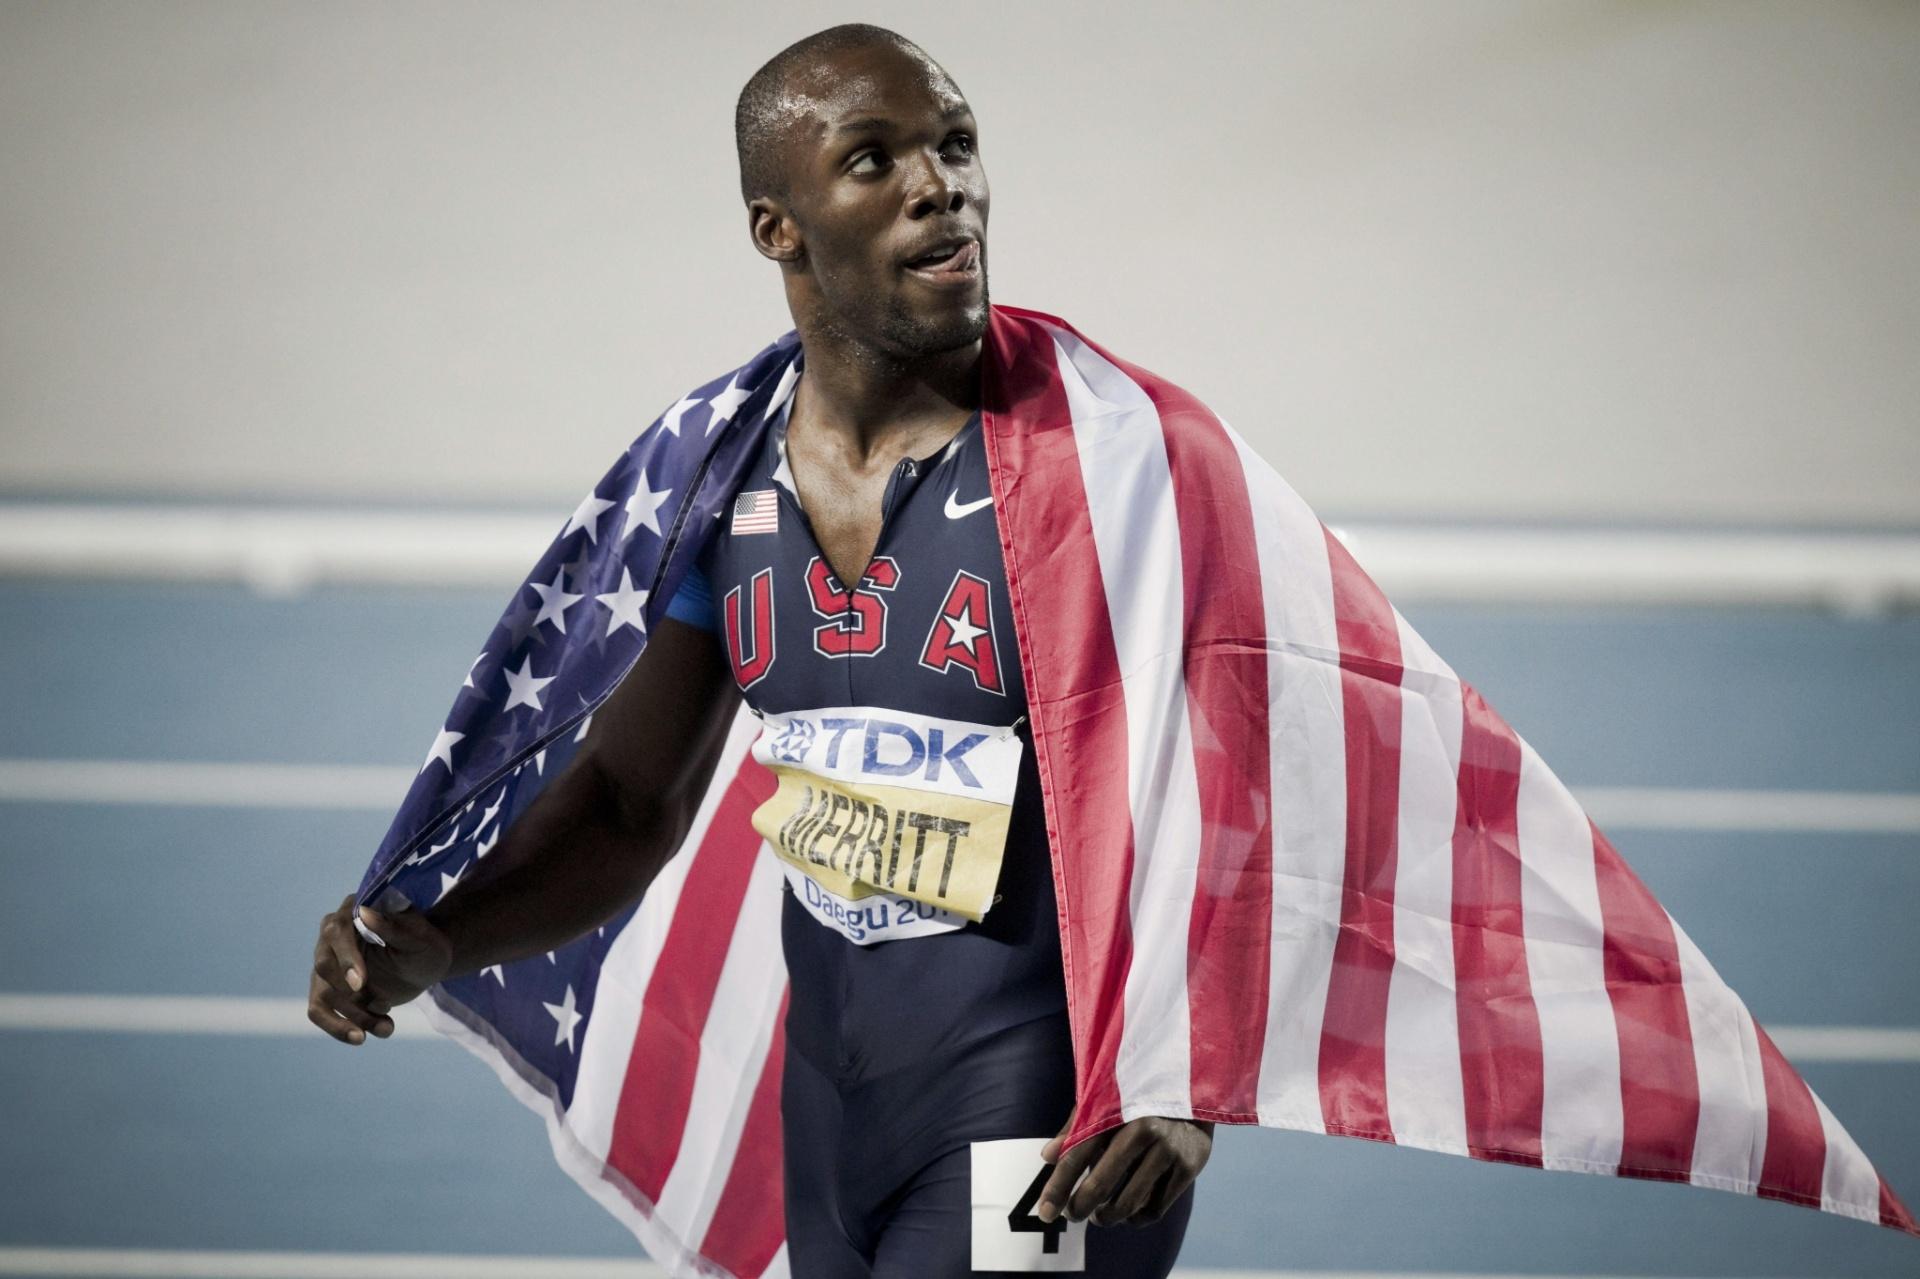 O norte-americano LaShawn Merrit comemora após ganhar a medalha de prata nos 400 m do Mundial de Daegu